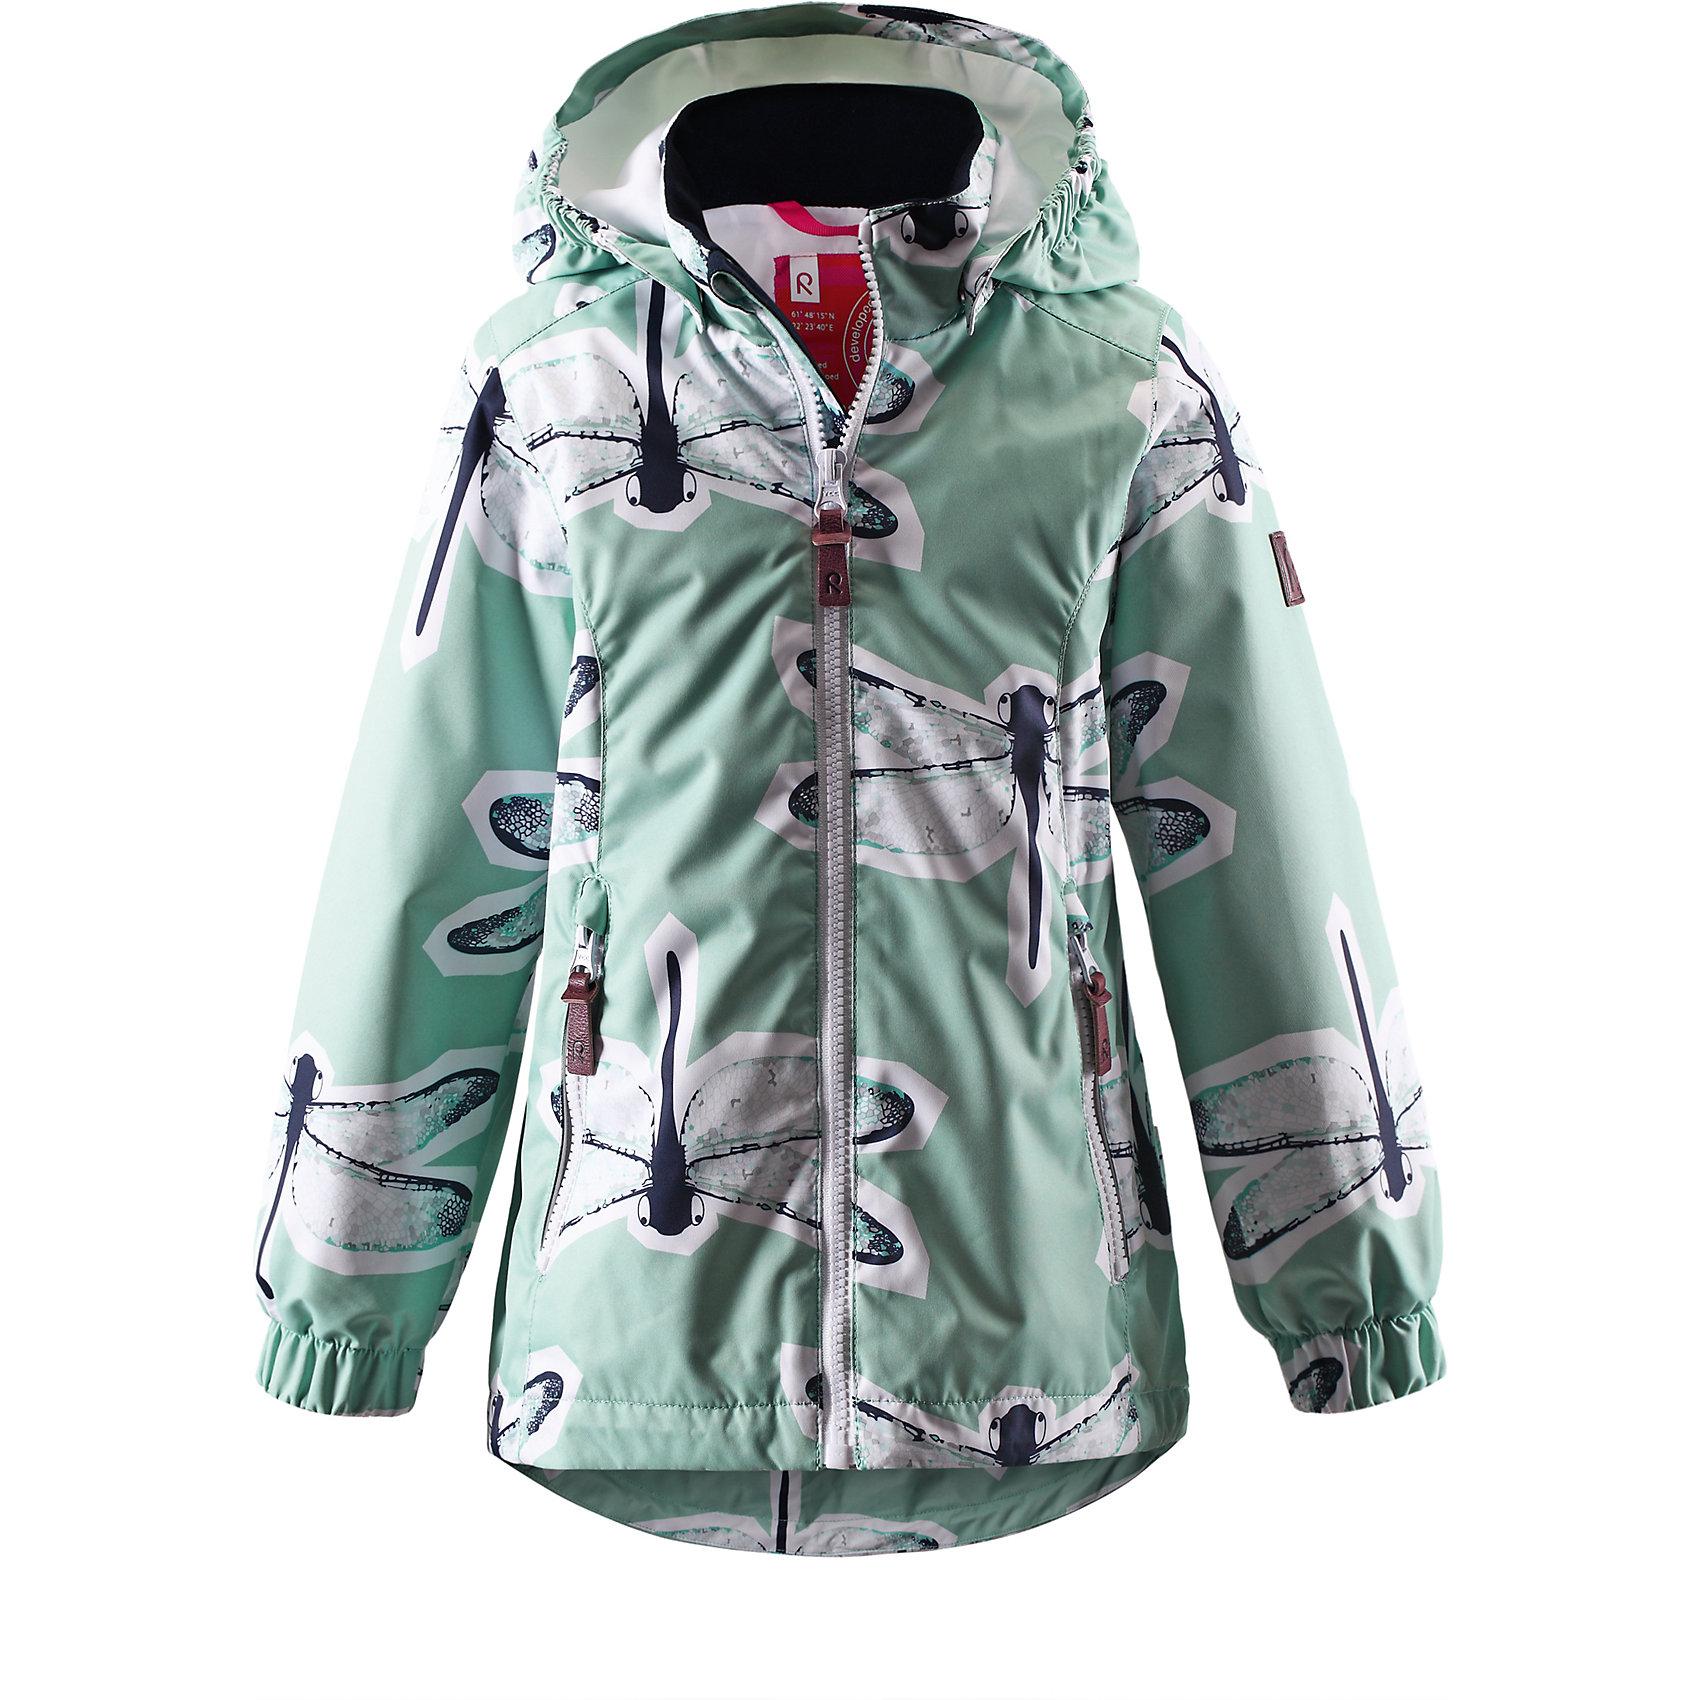 Куртка для девочки ReimaКрасивая, удлиненная демисезонная куртка для детей эффективно защищает от ветра. Дышащий материал также является водо- и грязеотталкивающим, а основные швы данной куртки проклеены для создания водонепроницаемости. Гладкая подкладка из полиэстера облегчает одевание и превращает его в веселый процесс. Отстегивающийся капюшон и светоотражающие детали обеспечивают безопасность во время прогулок в поисках впечатлений, а карманы с клапанами идеально подходят для хранения маленьких ценностей.<br><br>Дополнительная информация:<br><br>Куртка демисезонная для детей<br>Основные швы проклеены и не пропускают влагу<br>Водоотталкивающий, ветронепроницаемый, «дышащий» и грязеотталкивающий материал<br>Гладкая подкладка из полиэстра<br>Безопасный, съемный капюшон<br>Регулируемый подол<br>Два кармана на молнии<br>Безопасные светоотражающие детали<br>Состав:<br>100% ПЭ, ПУ-покрытие<br>Уход:<br>Стирать по отдельности, вывернув наизнанку. Застегнуть молнии и липучки. Стирать моющим средством, не содержащим отбеливающие вещества. Полоскать без специального средства. Во избежание изменения цвета изделие необходимо вынуть из стиральной машинки незамедлительно после окончания программы стирки. Сушить при низкой температуре.<br><br>Ширина мм: 356<br>Глубина мм: 10<br>Высота мм: 245<br>Вес г: 519<br>Цвет: серый<br>Возраст от месяцев: 36<br>Возраст до месяцев: 48<br>Пол: Женский<br>Возраст: Детский<br>Размер: 104,134,140,128,110,92,98,116,122<br>SKU: 4497342